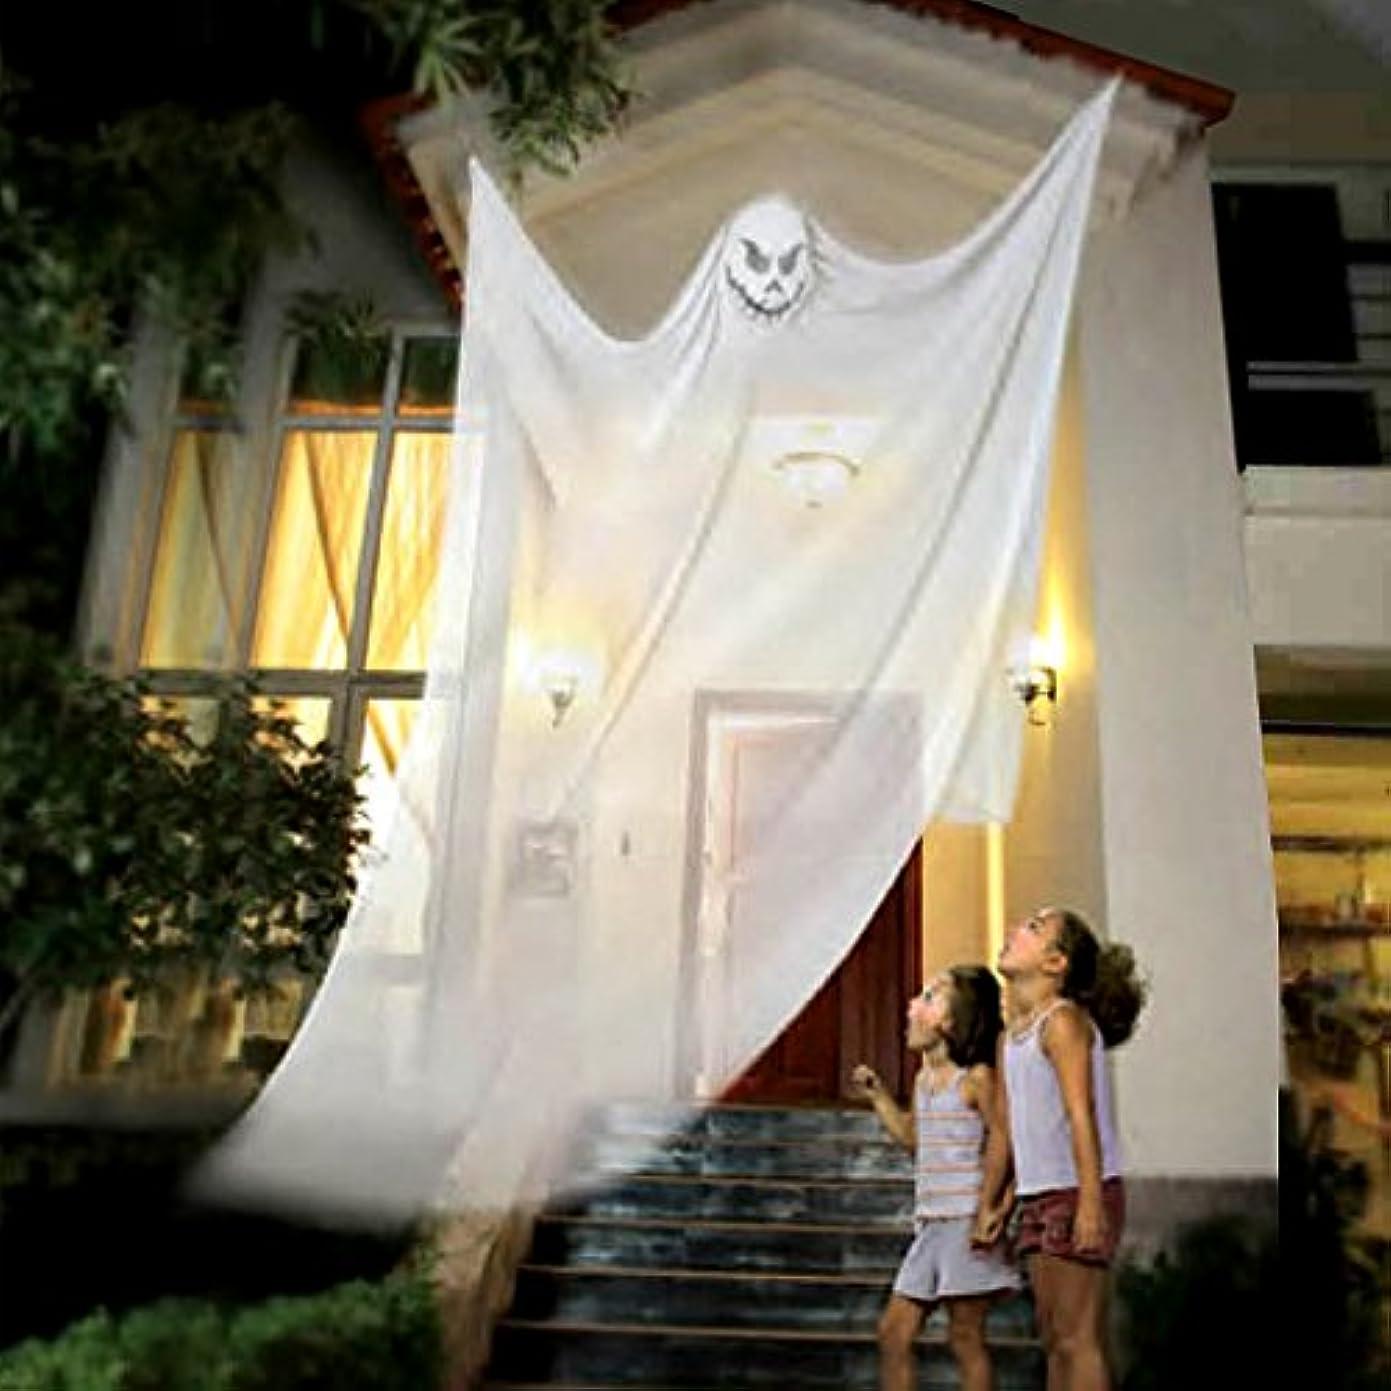 姉妹赤道暴動ハロウィーンフェスティバルぶら下げ幽霊装飾ホラー小道具バーお化け屋敷室内装飾